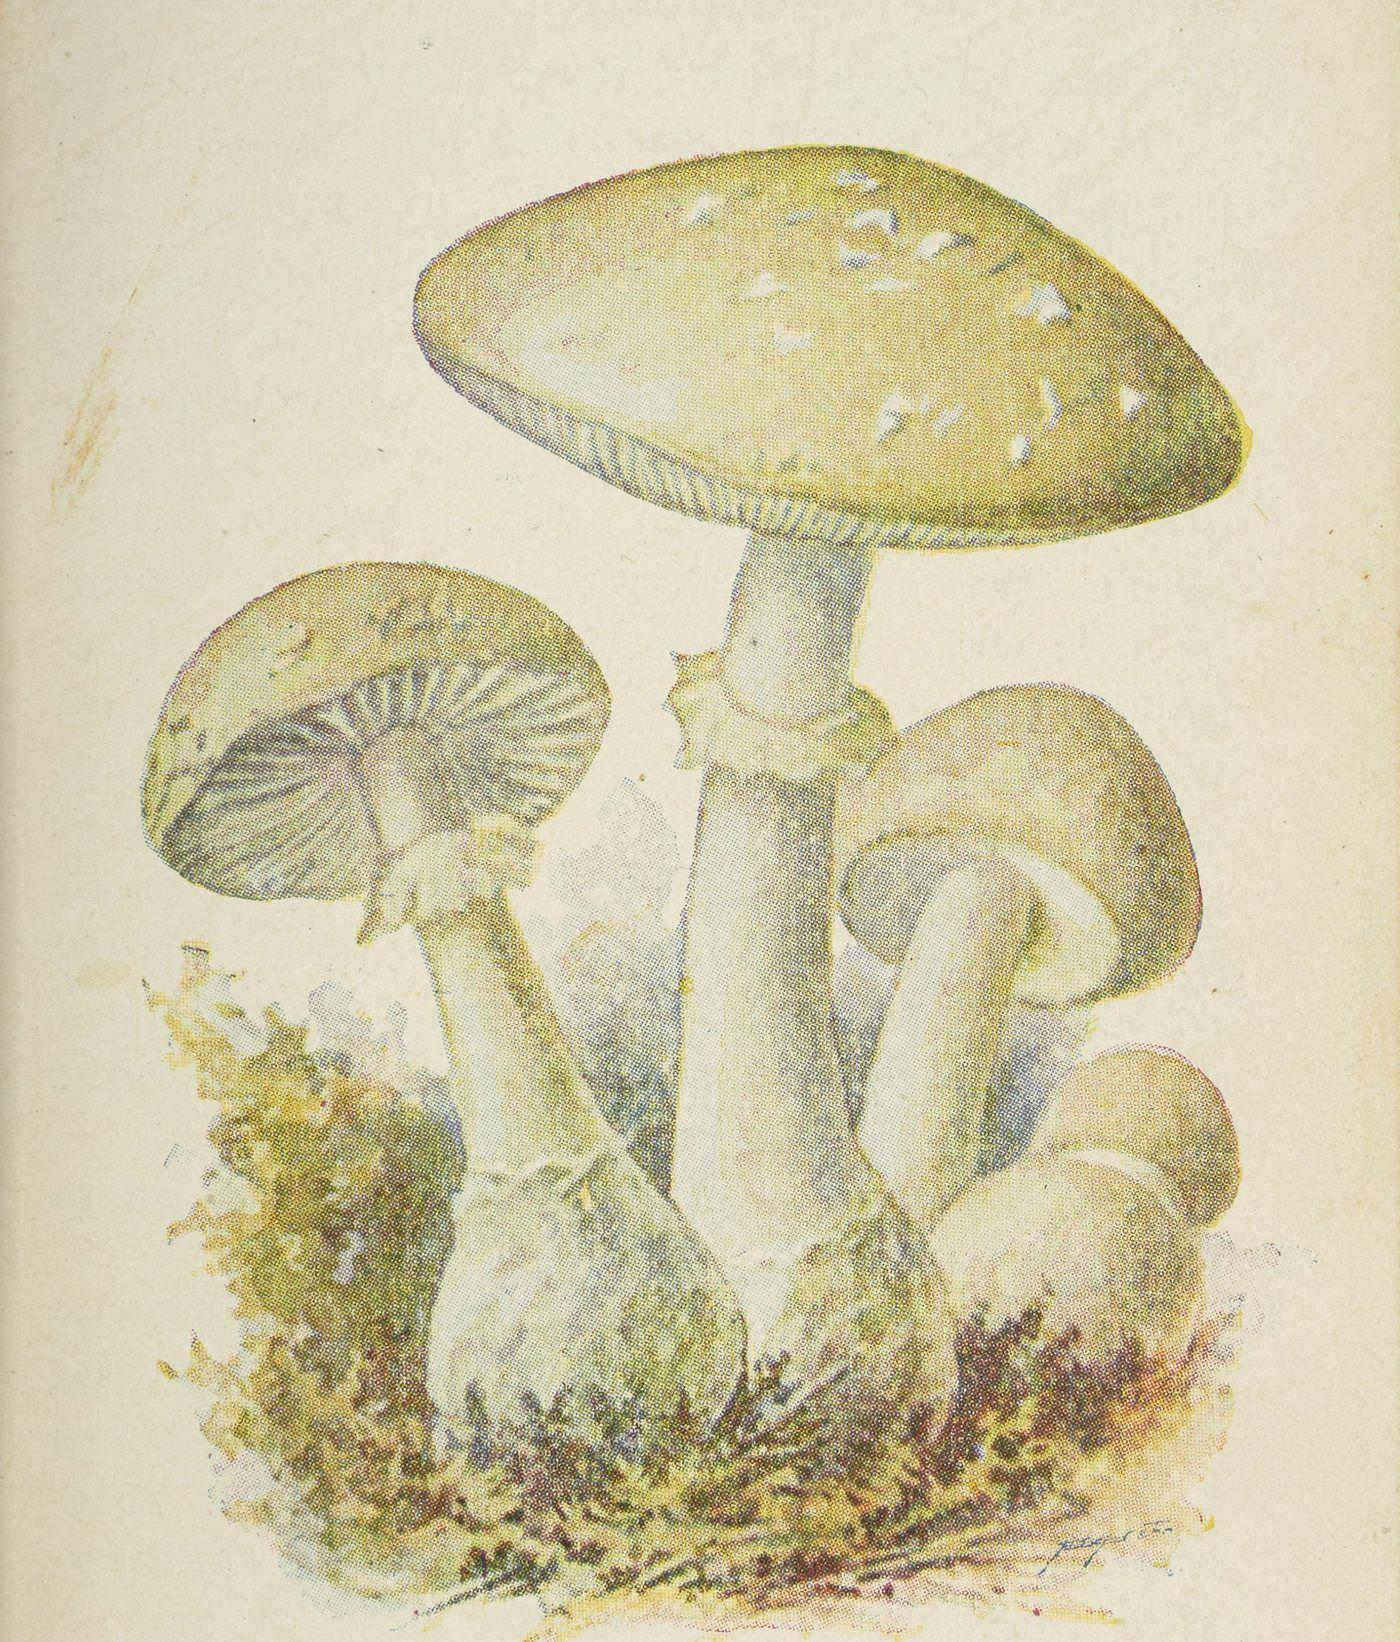 Muchomor zielonawy (sromotnikowy), to właśnie nim zatruły się dzieci z podpoznańskiej szkoły. Ilustracja z atlasu grzybów wydanego w 1905 roku.